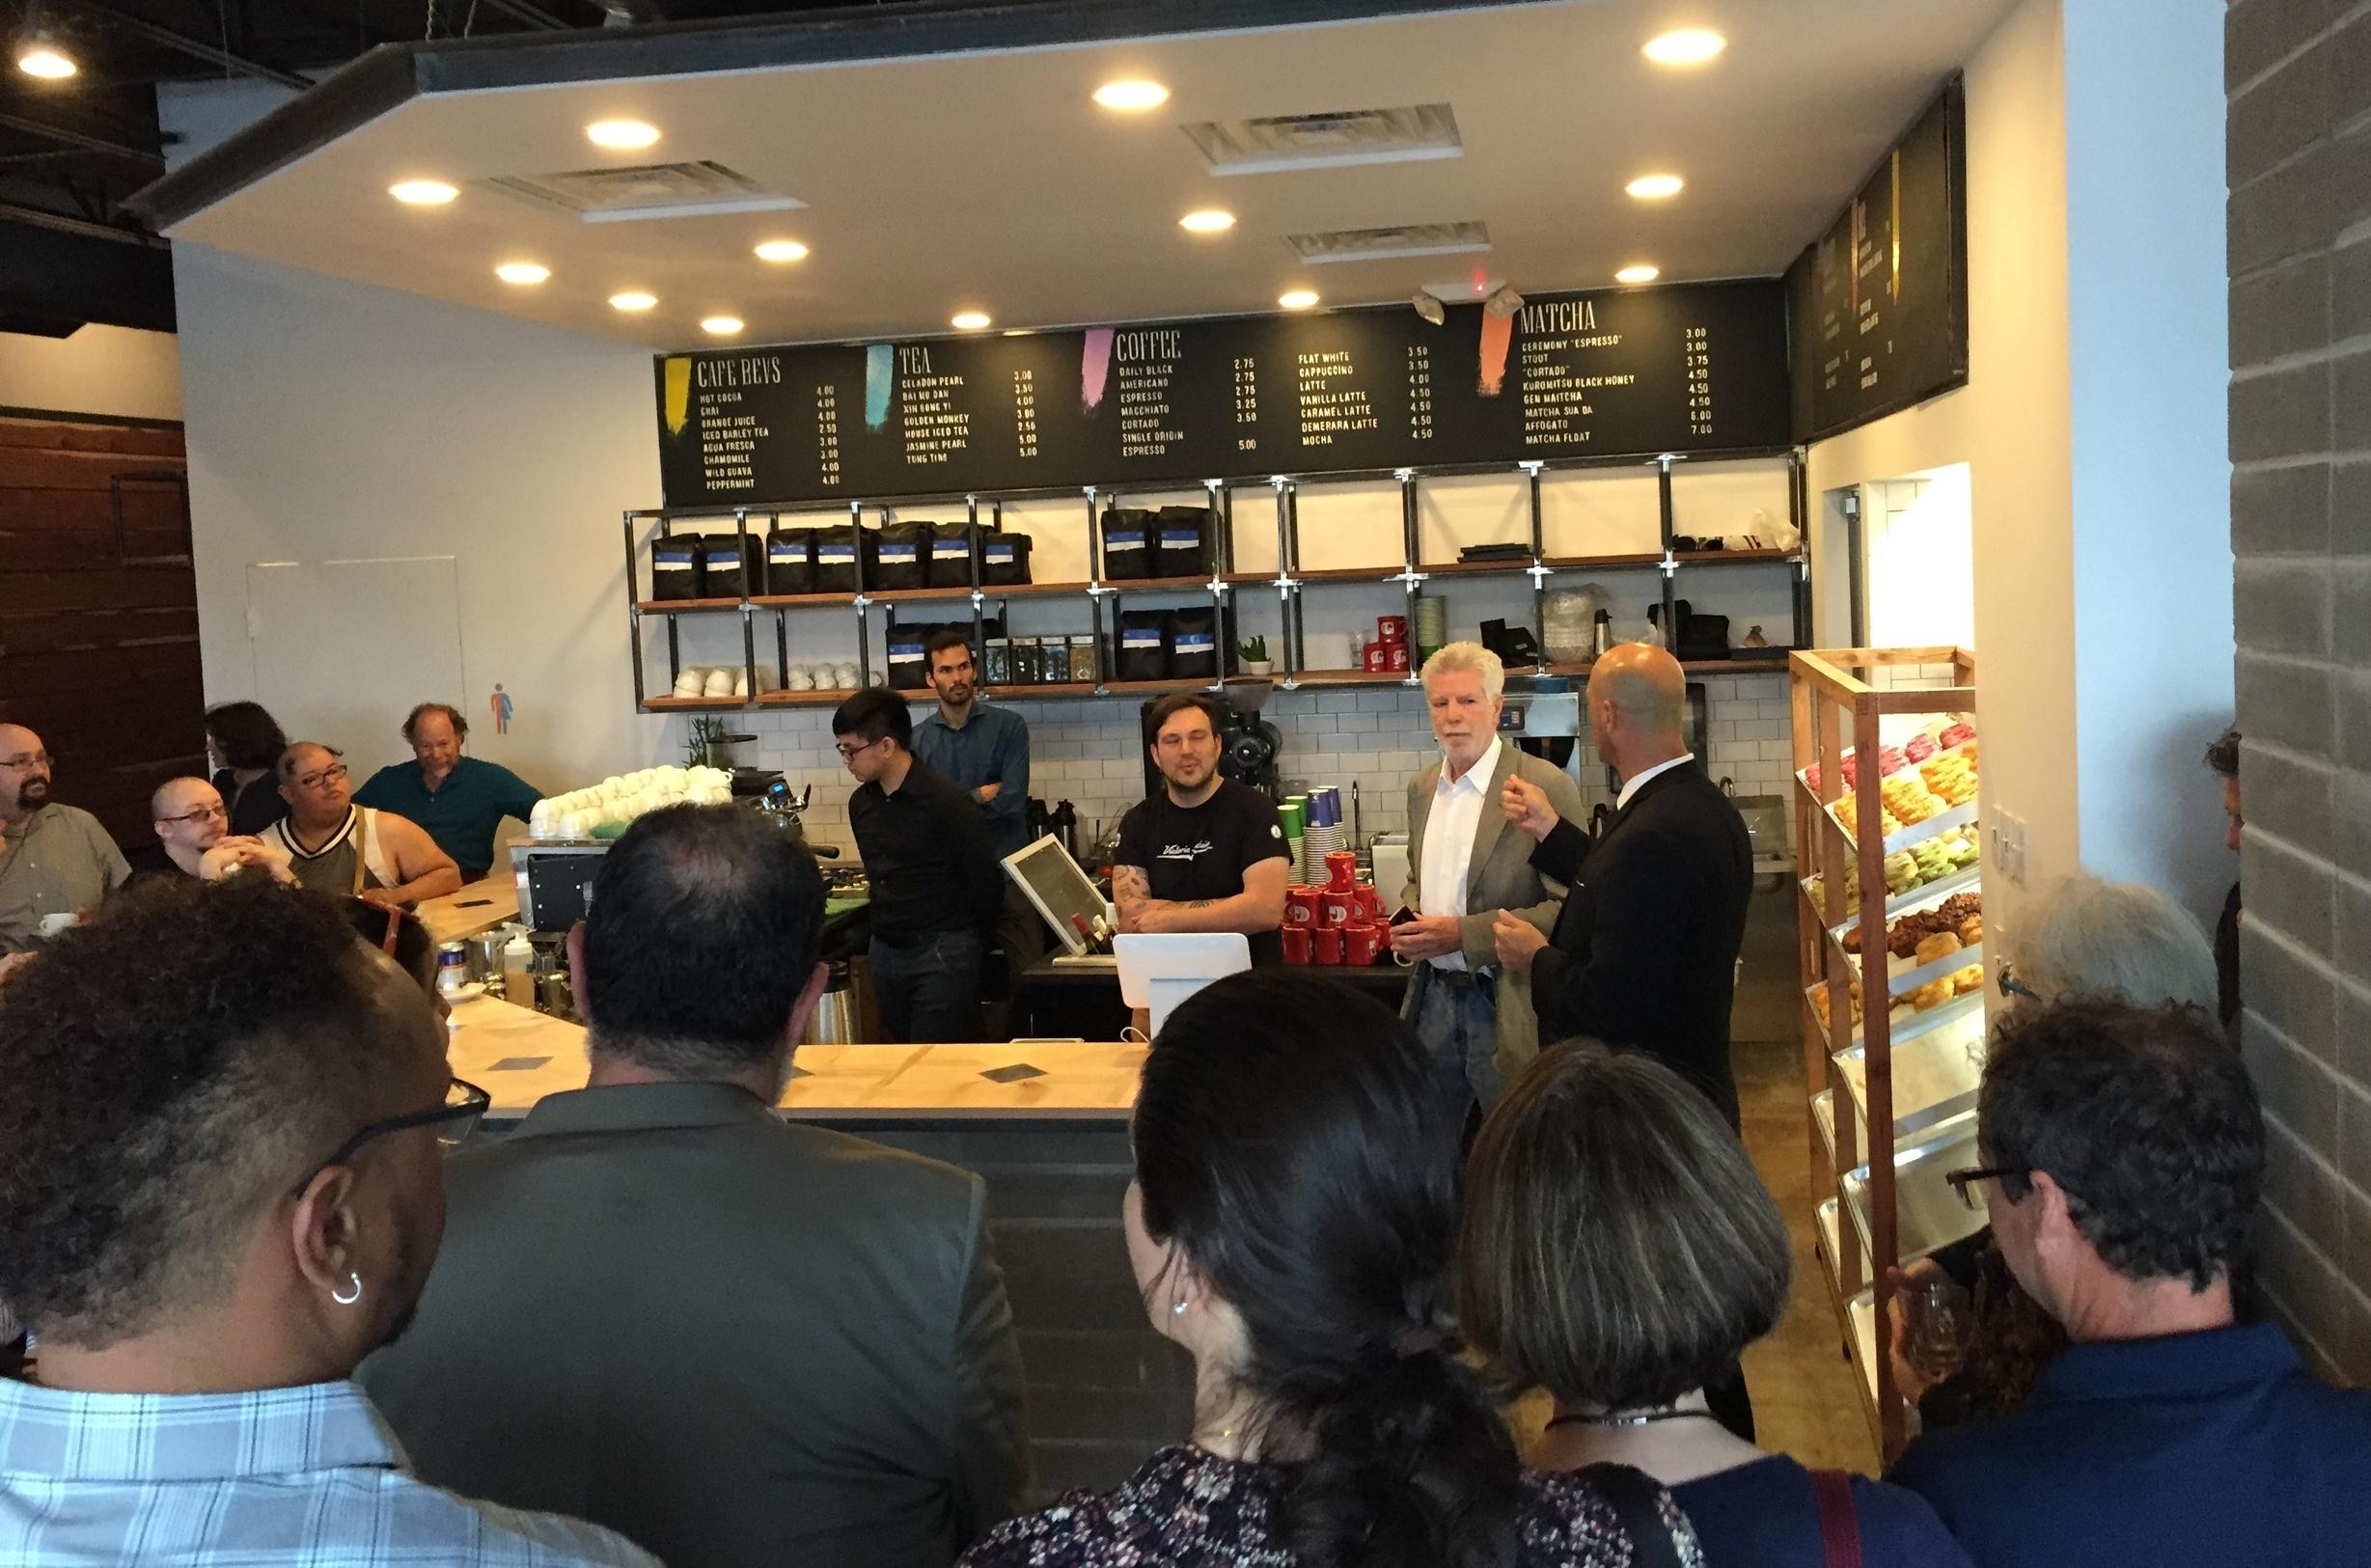 Houston's architecture community gathered tonight at Morningside Cafe honoring John's life